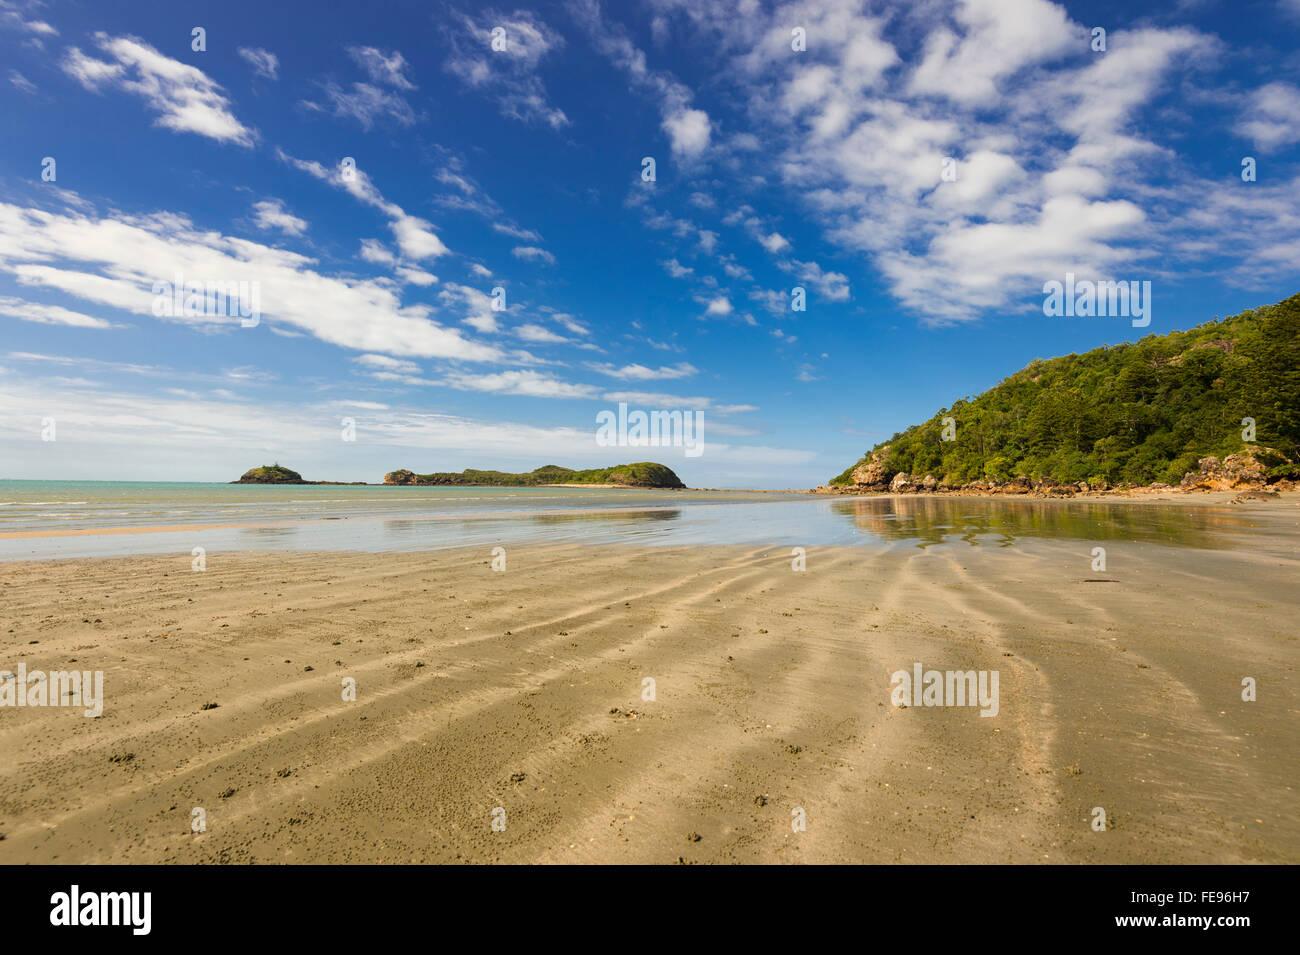 Cape Hillsborough, Queensland, Australia - Stock Image